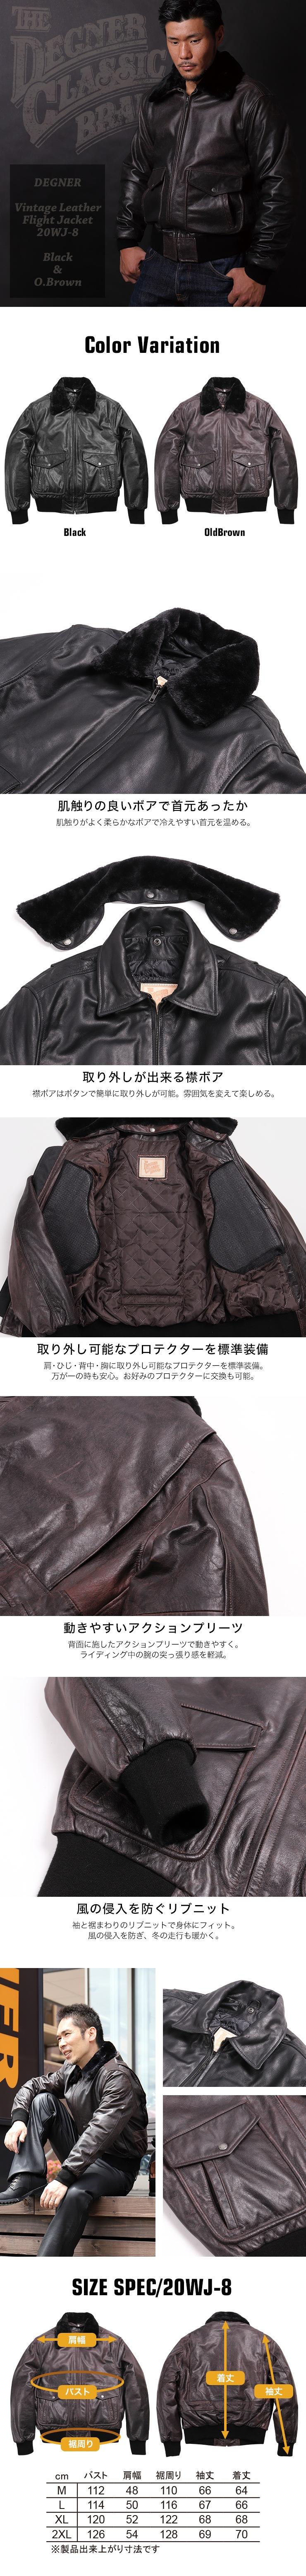 レザー 本革 牛革 ボア フライト ヴィンテージ ブラック オールドブラウン バイカ— ジャケット 秋 冬 男 20WJ-8 デグナー